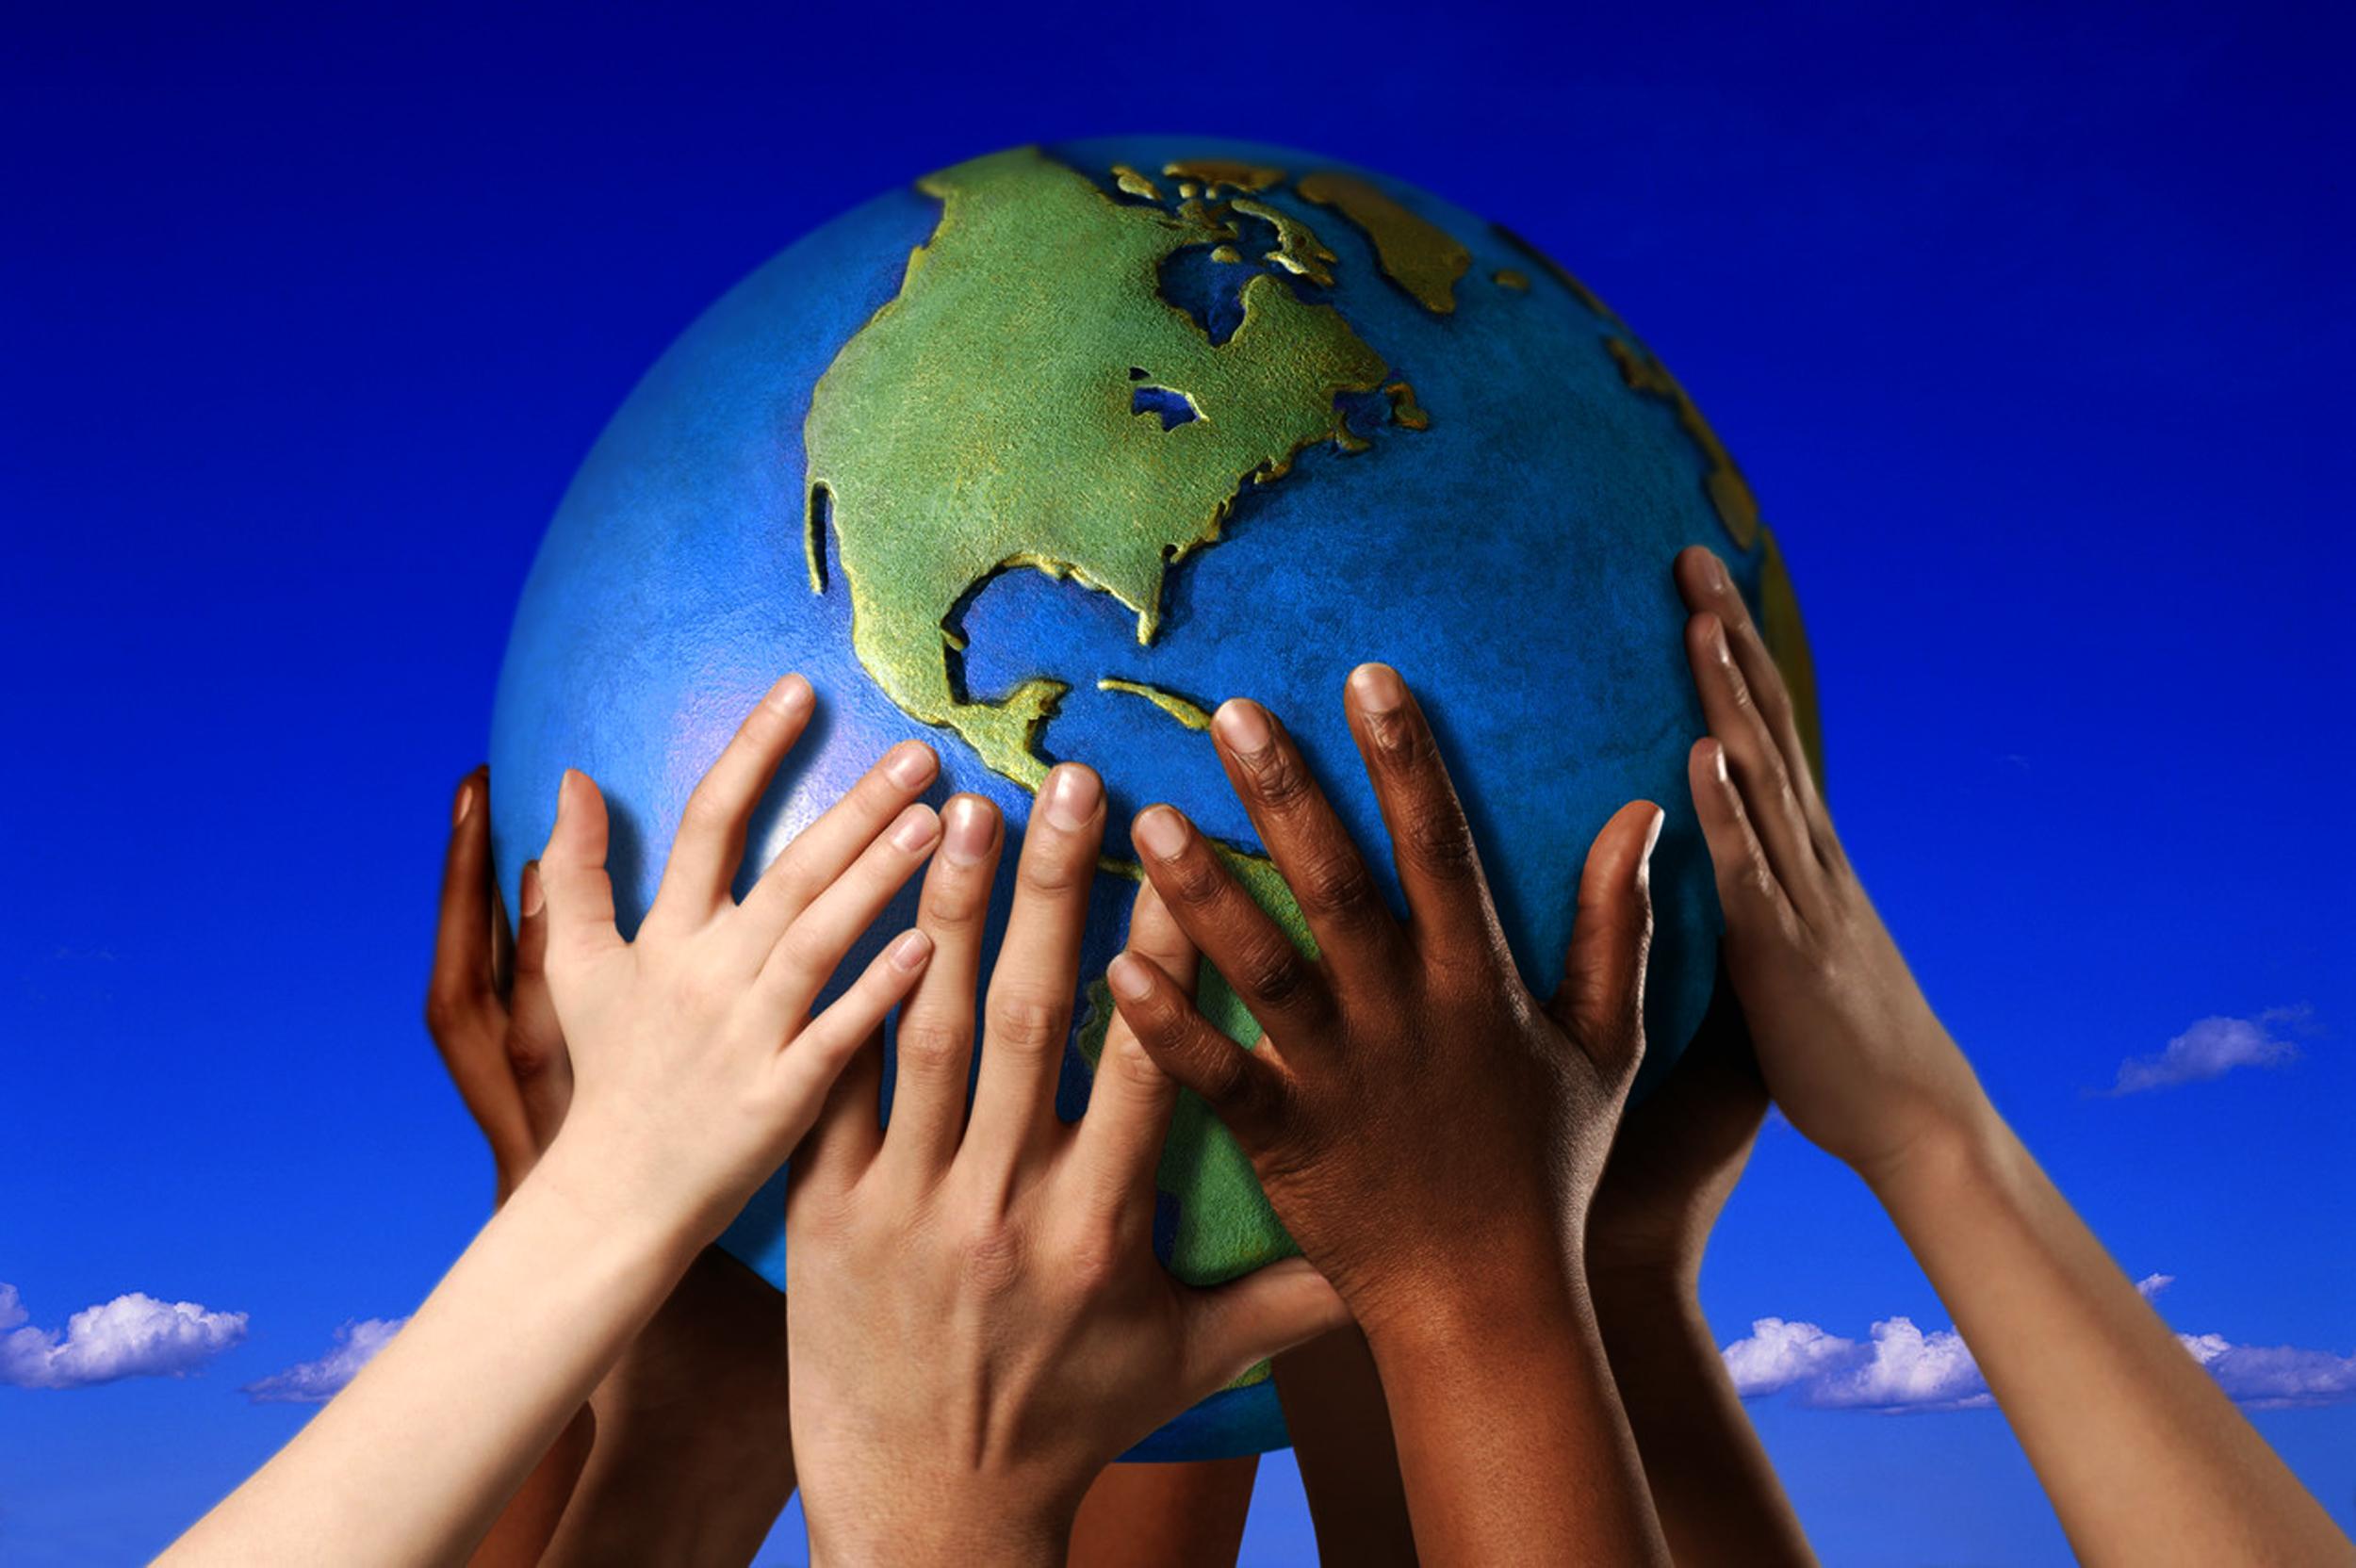 ग्लोबल वार्मिंग का शिकार होती पृथ्वी